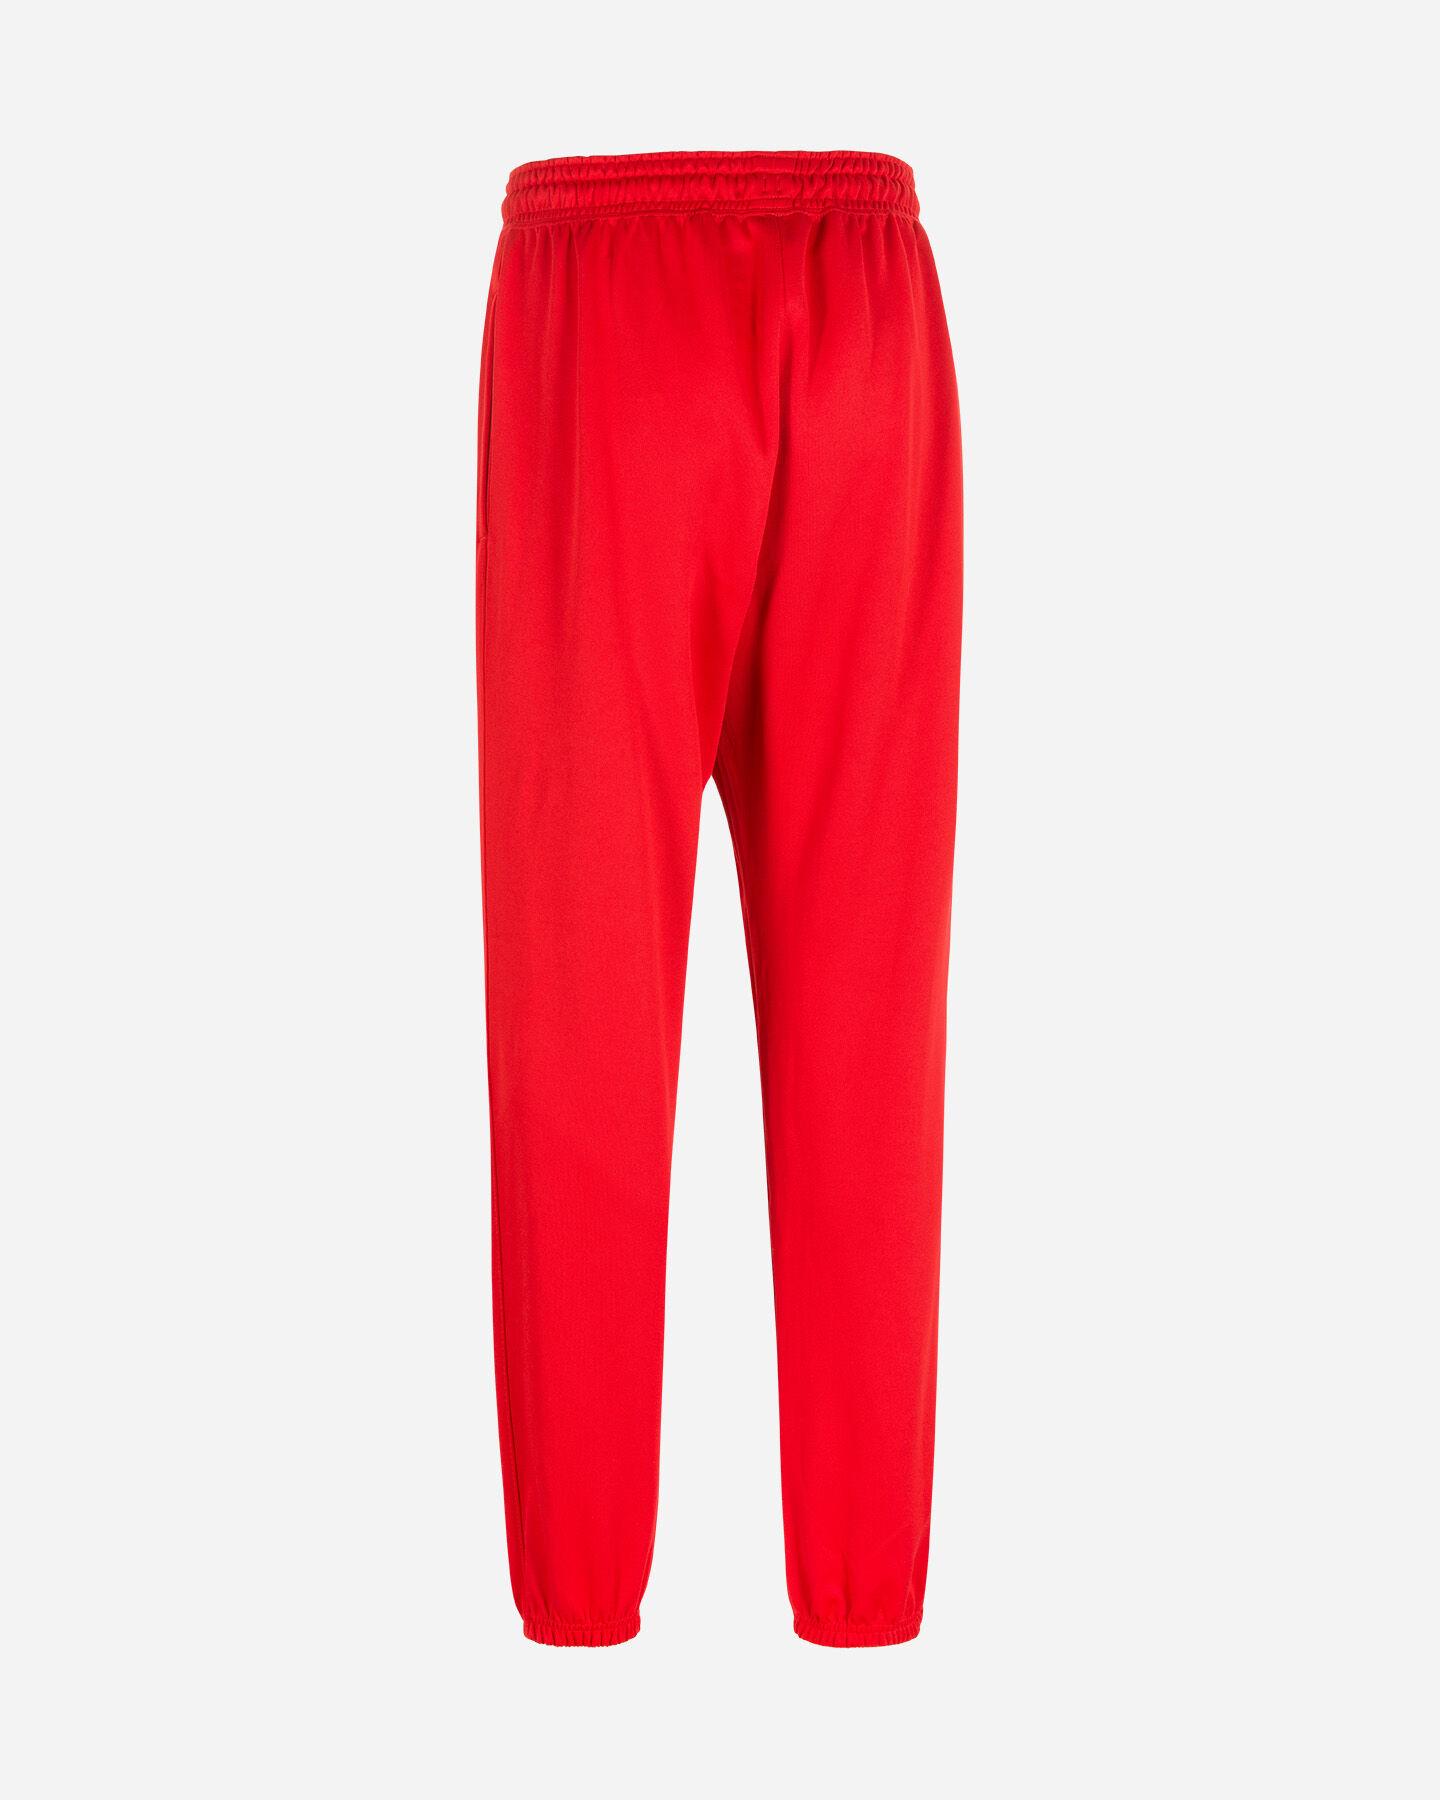 Abbigliamento basket NIKE CHICAGO BULLS SPOTLIGHT M S5248845 scatto 1